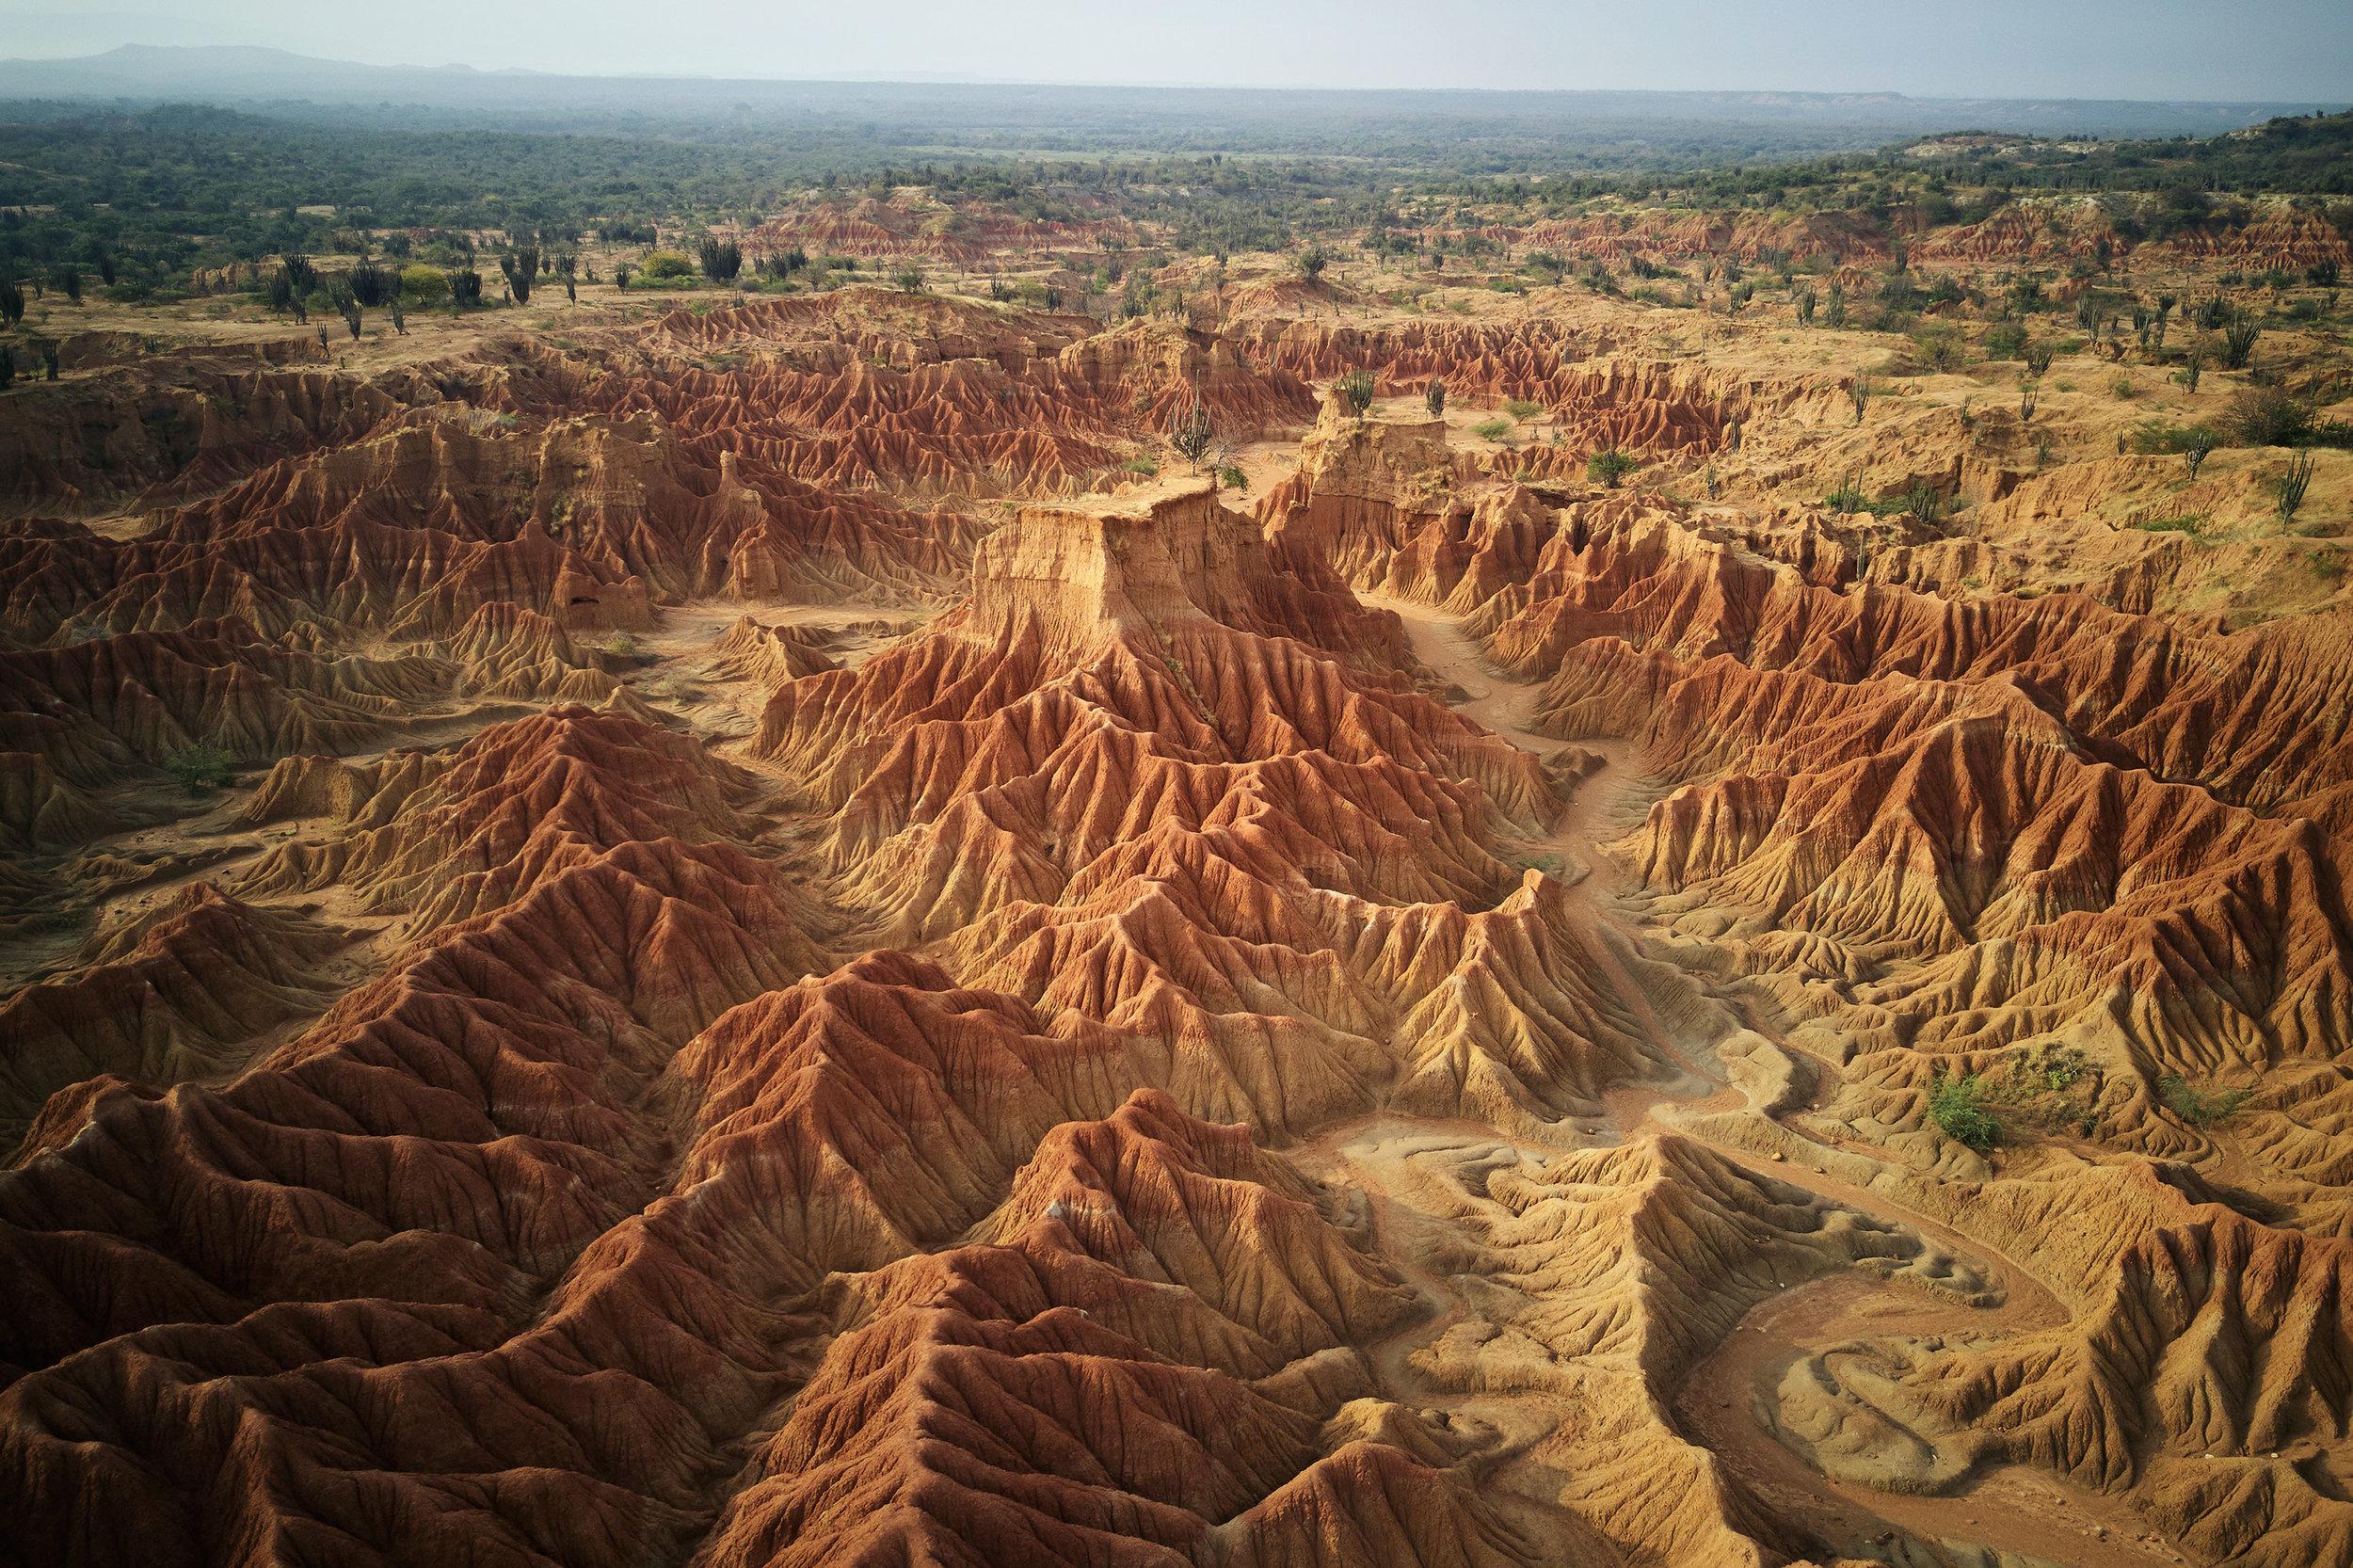 Colombia-travel-Tatacoa-desert-landscape